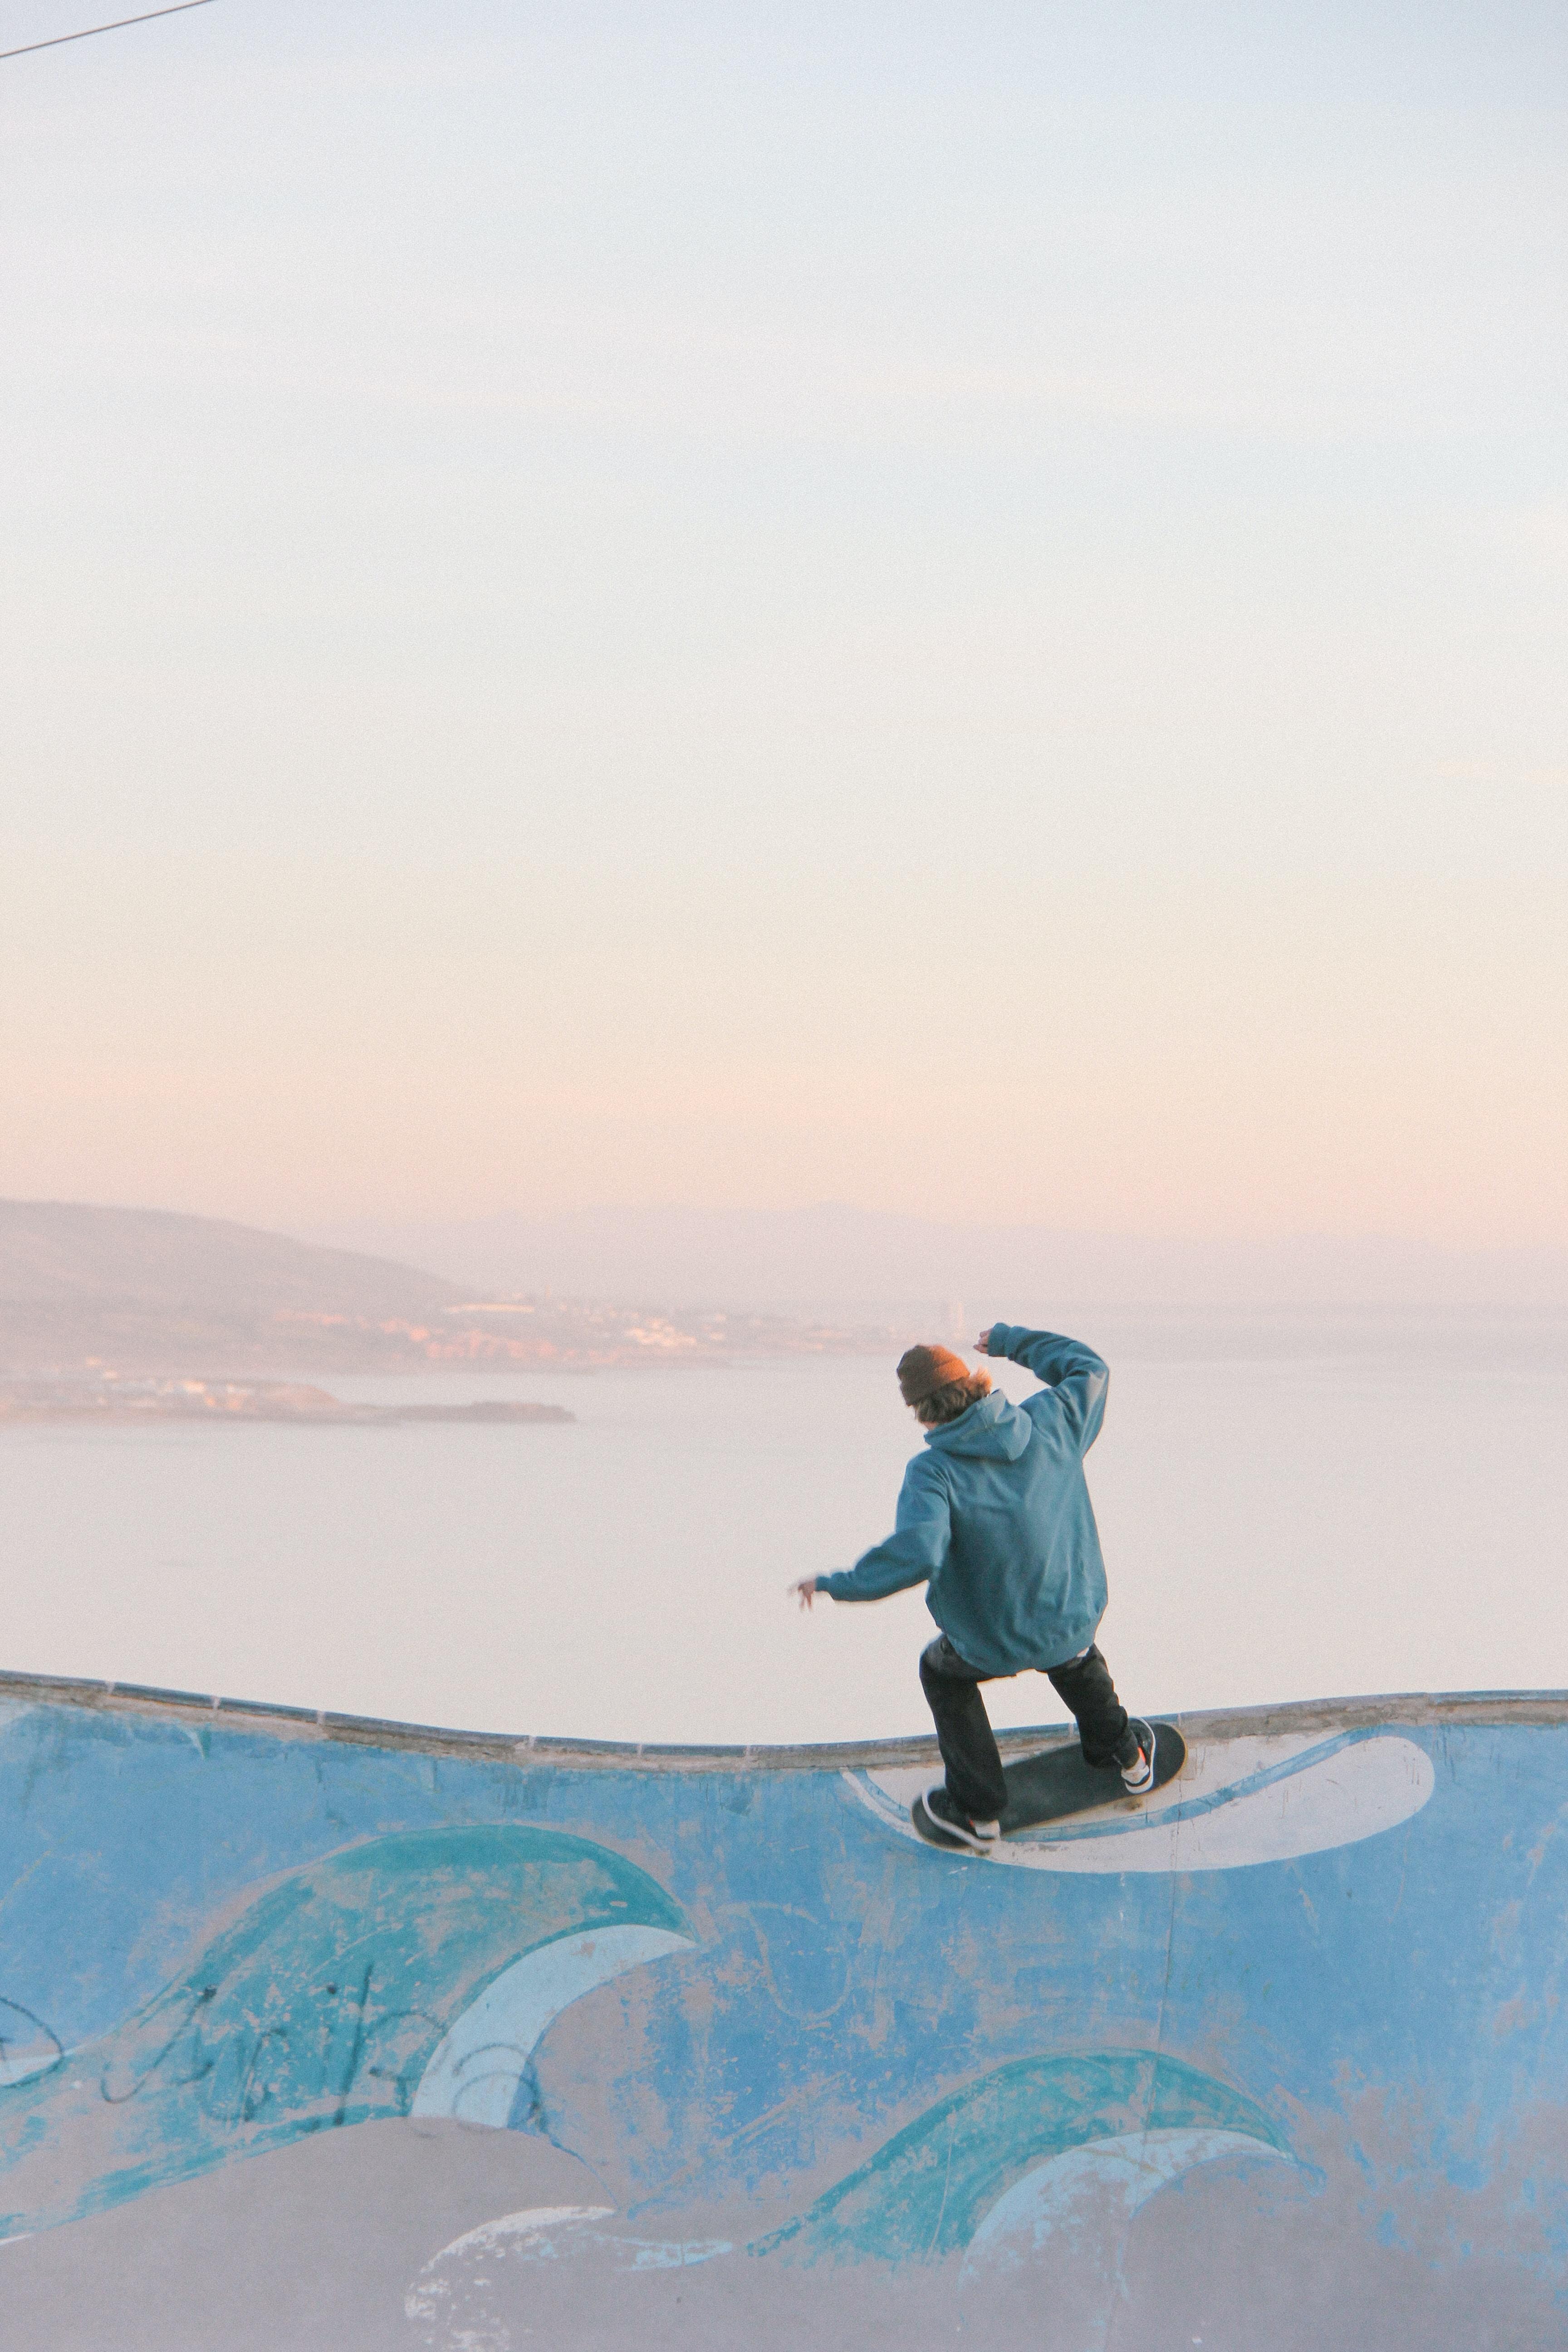 man in blue skateboarding on wall in beach